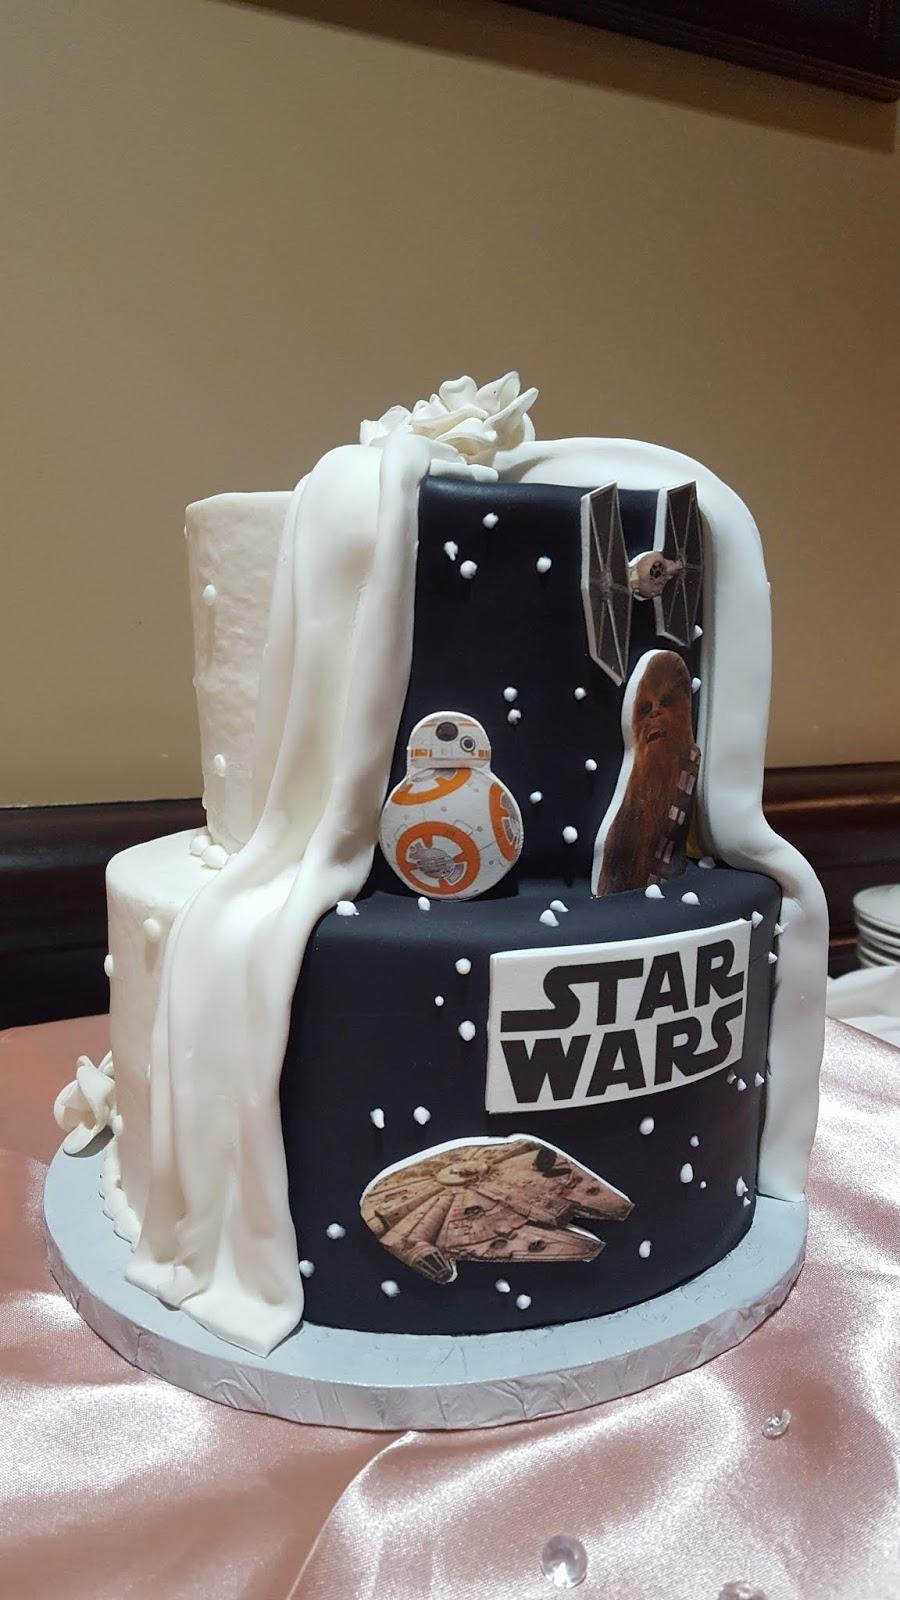 Artistry On Cakes - bakery  | Photo 1 of 4 | Address: 507 Sherman St, Belleville, IL 62221, USA | Phone: (618) 355-0000